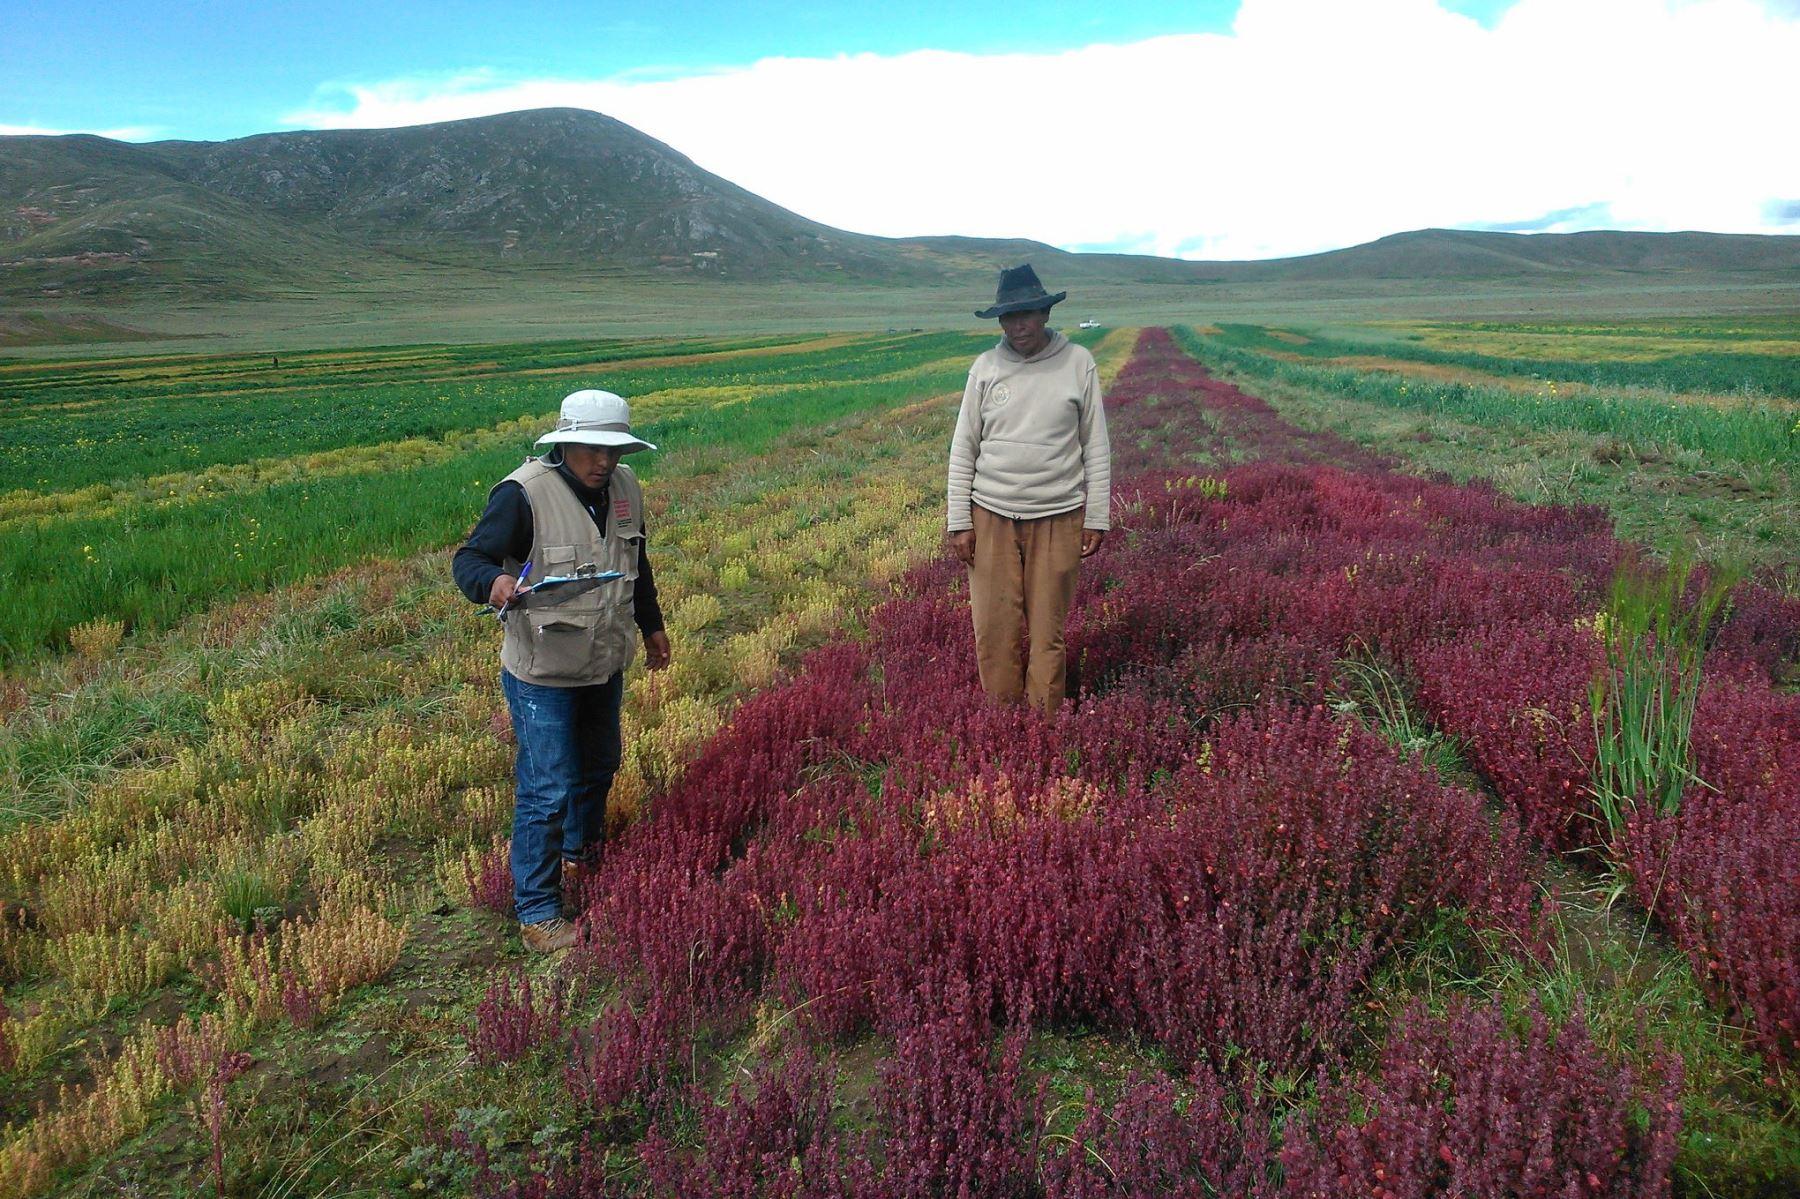 ANDINAAgricultores de Puno apuestan por la quinua orgánica para combatir anemia y desnutrición infantil; además de obtener mayores ingresos económicos. ANDINA